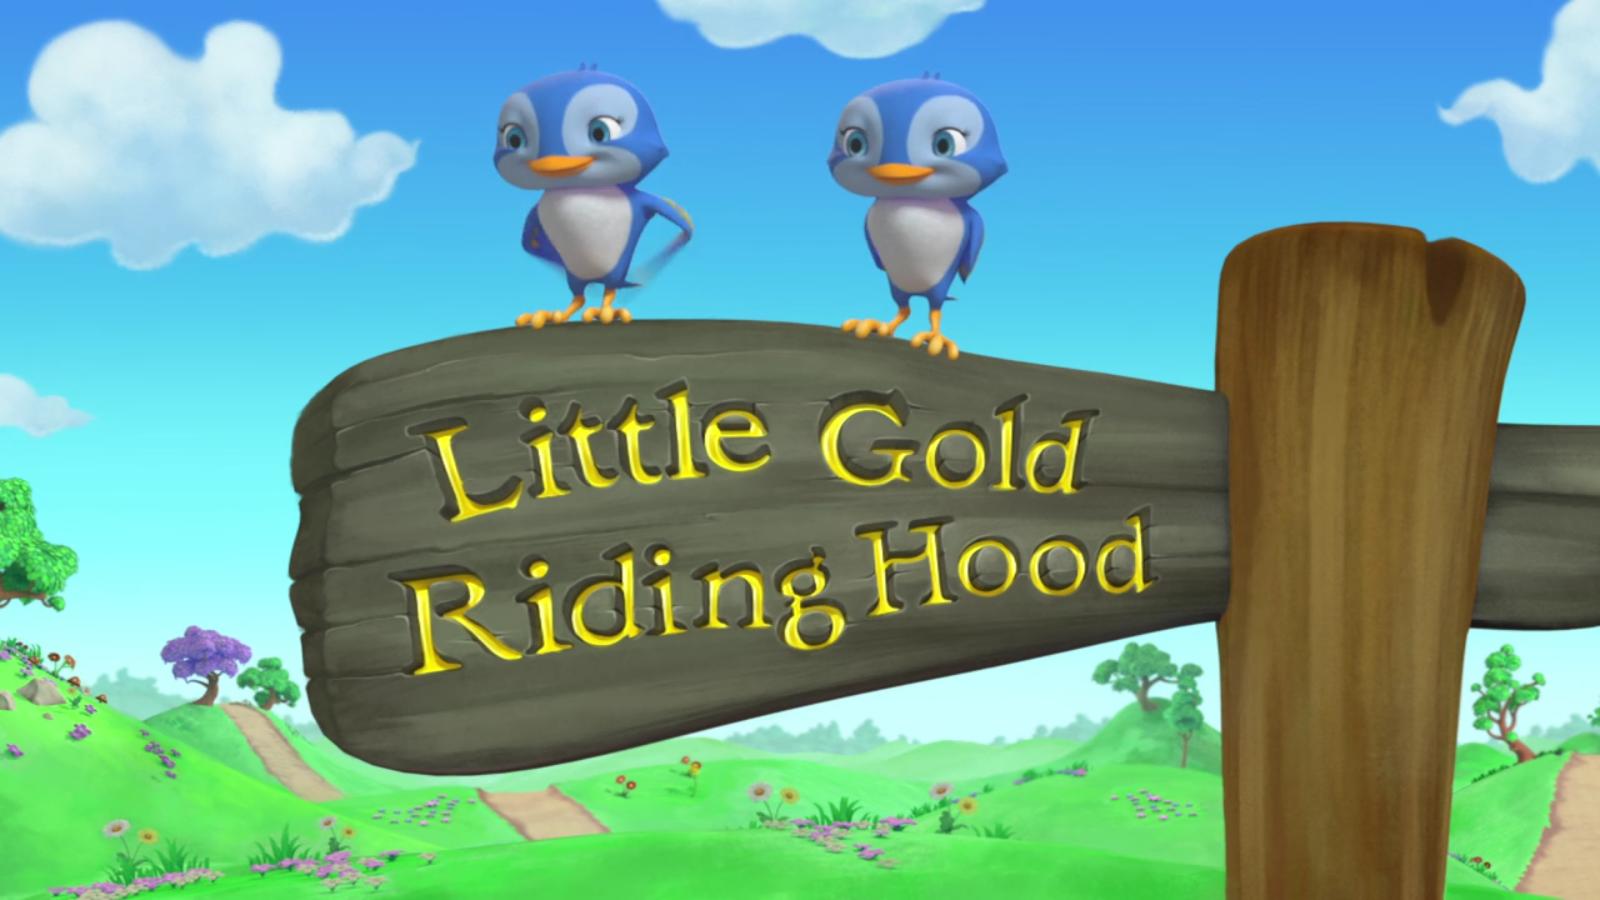 Little Gold Riding Hood